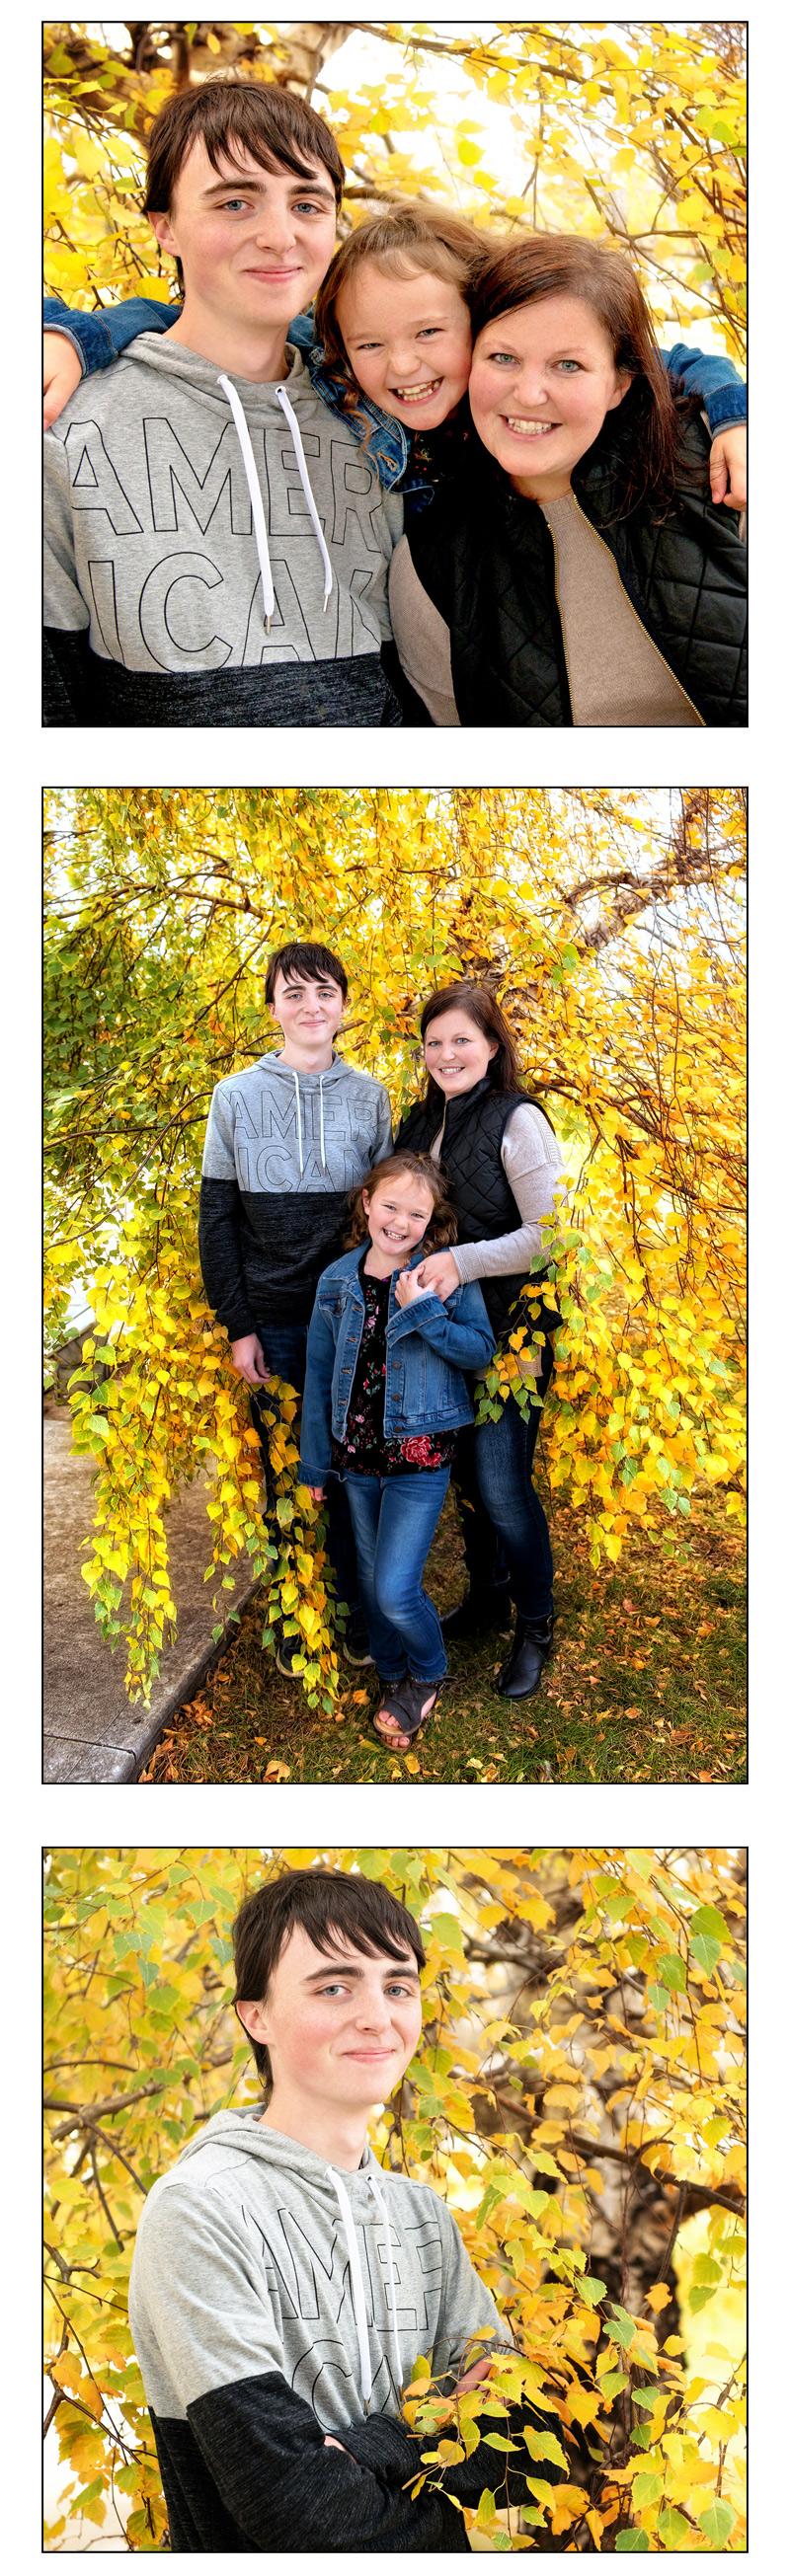 fall-family-photos-regina-free-lense-photo-04.jpg